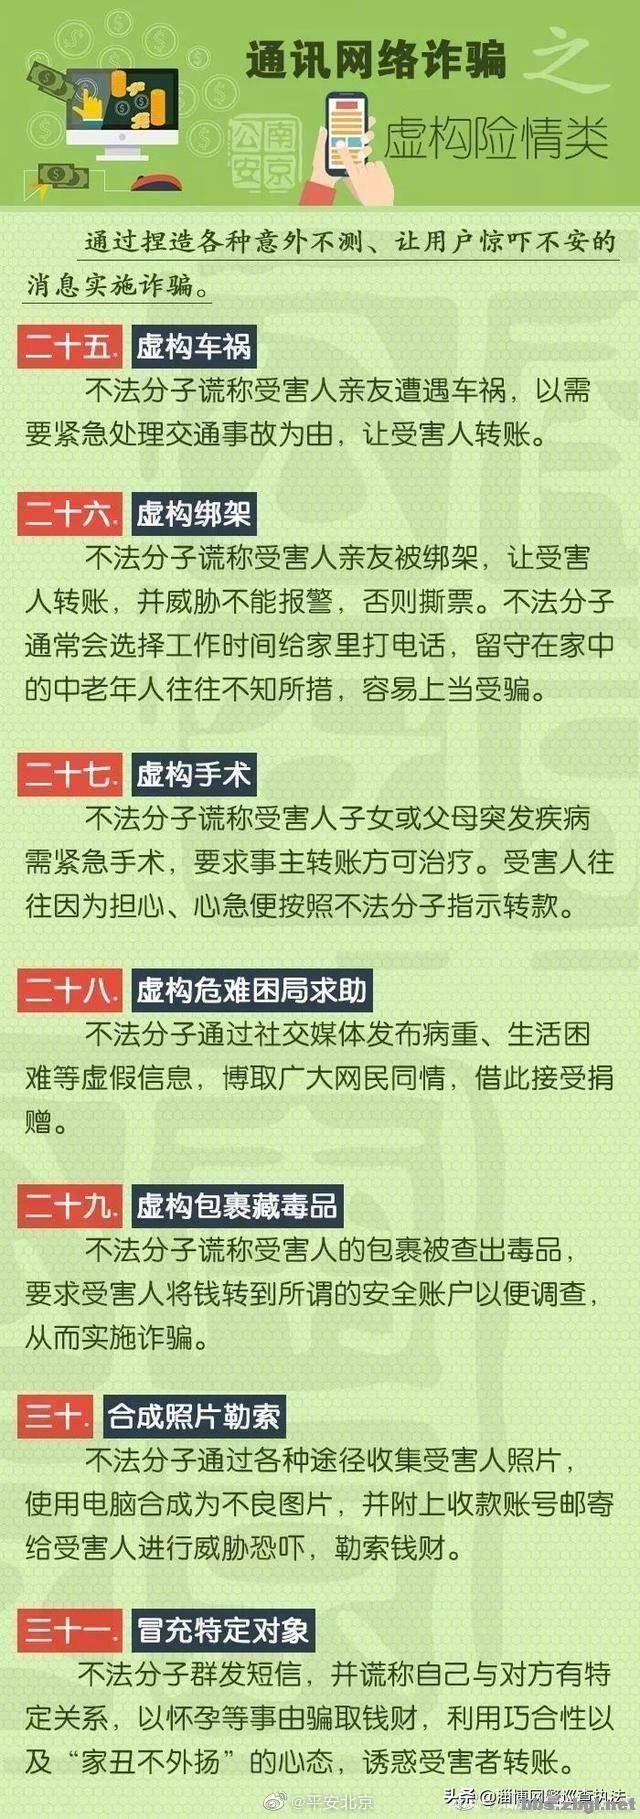 史上最全电信诈骗 58种诈骗手法9大类型 ????-5.jpg